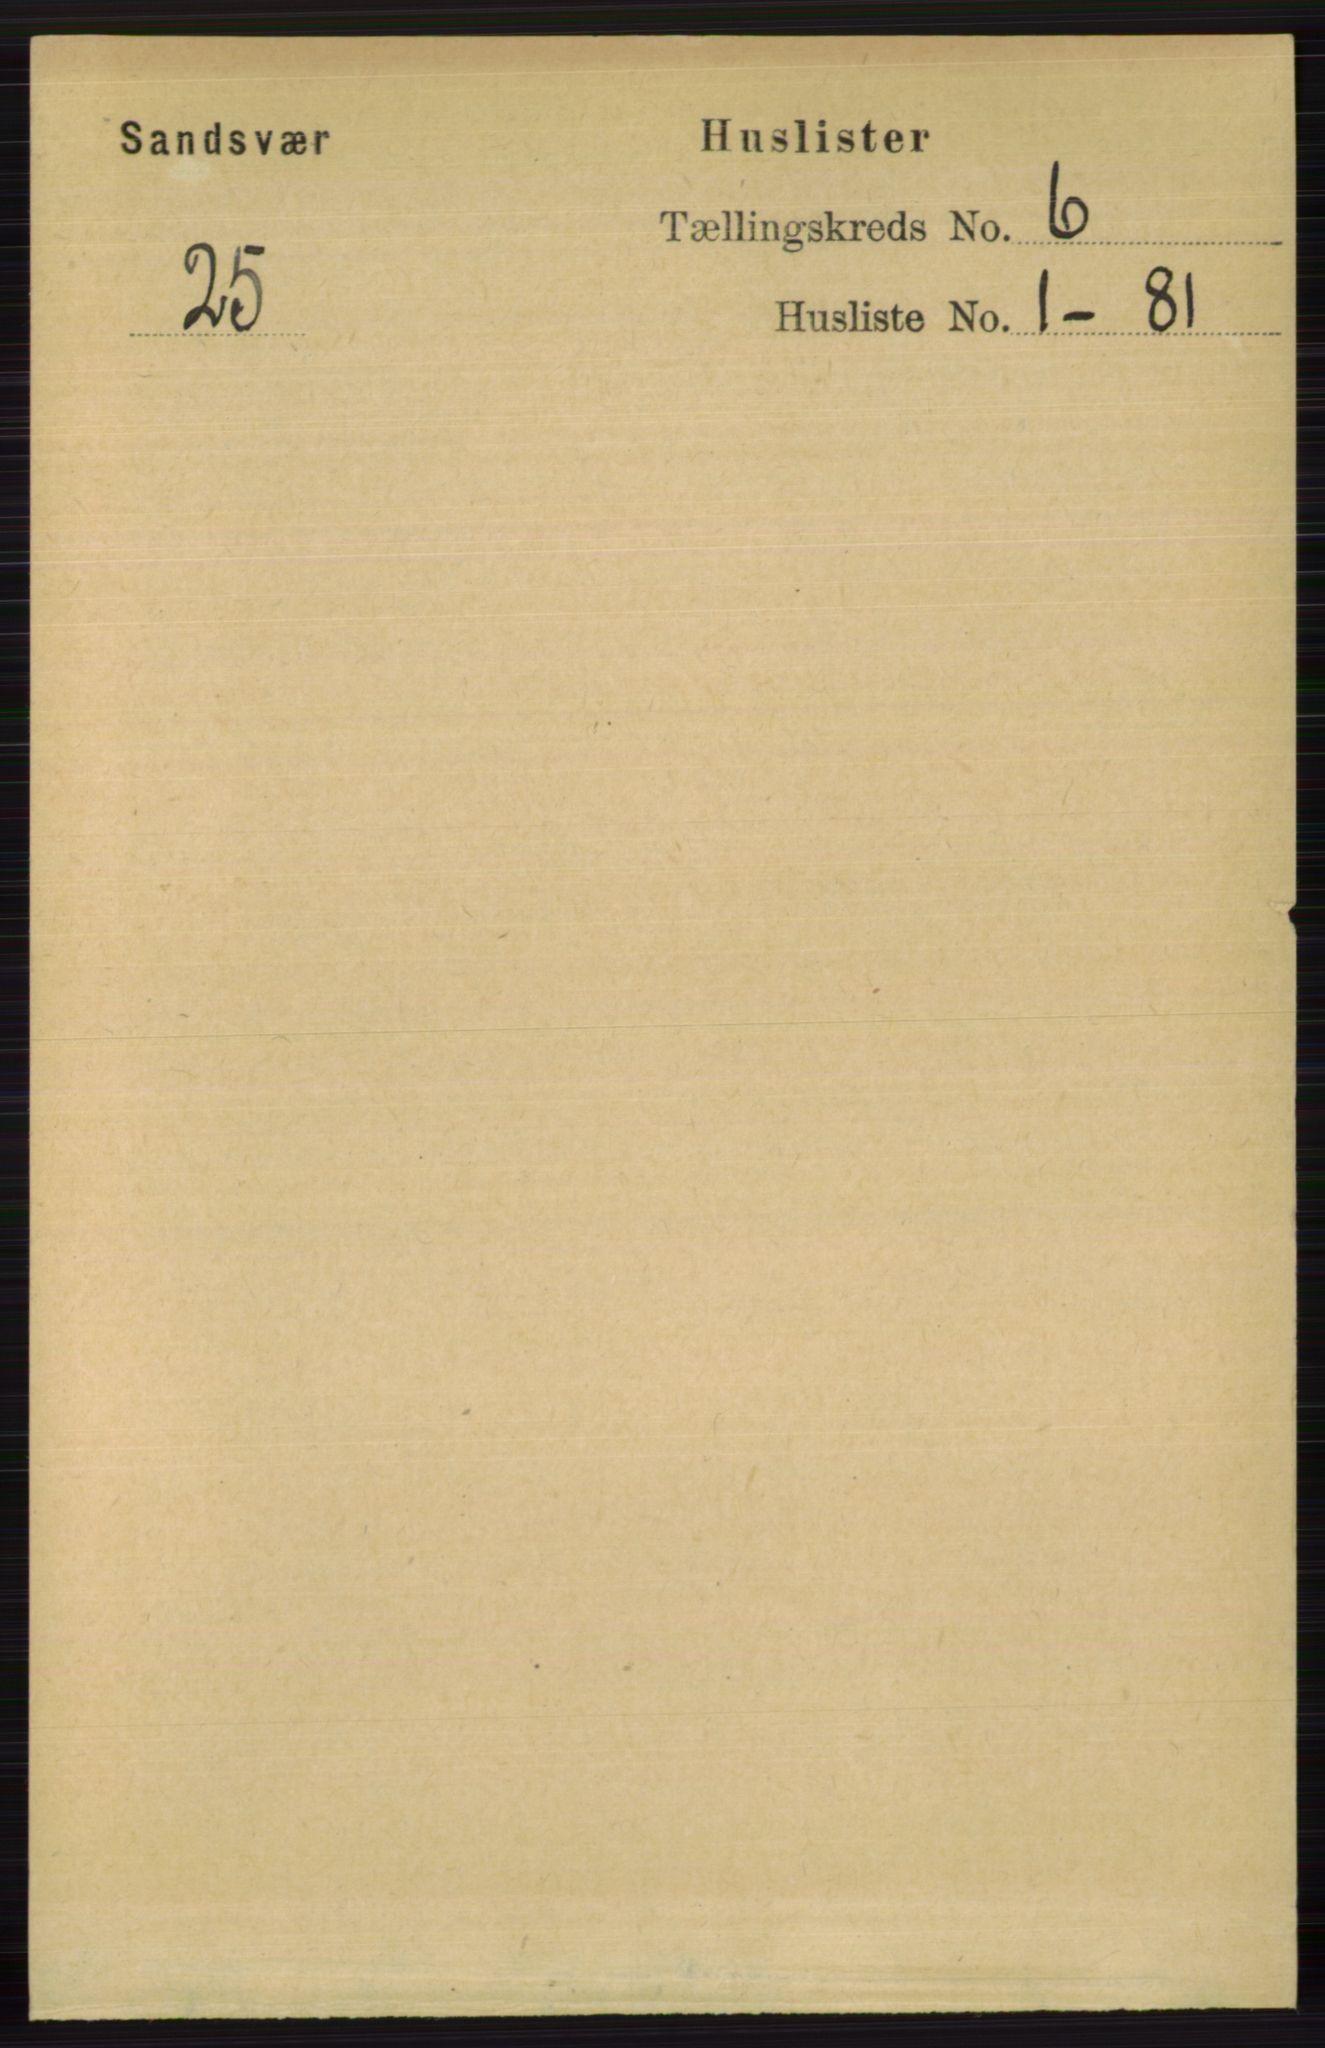 RA, Folketelling 1891 for 0629 Sandsvær herred, 1891, s. 3302